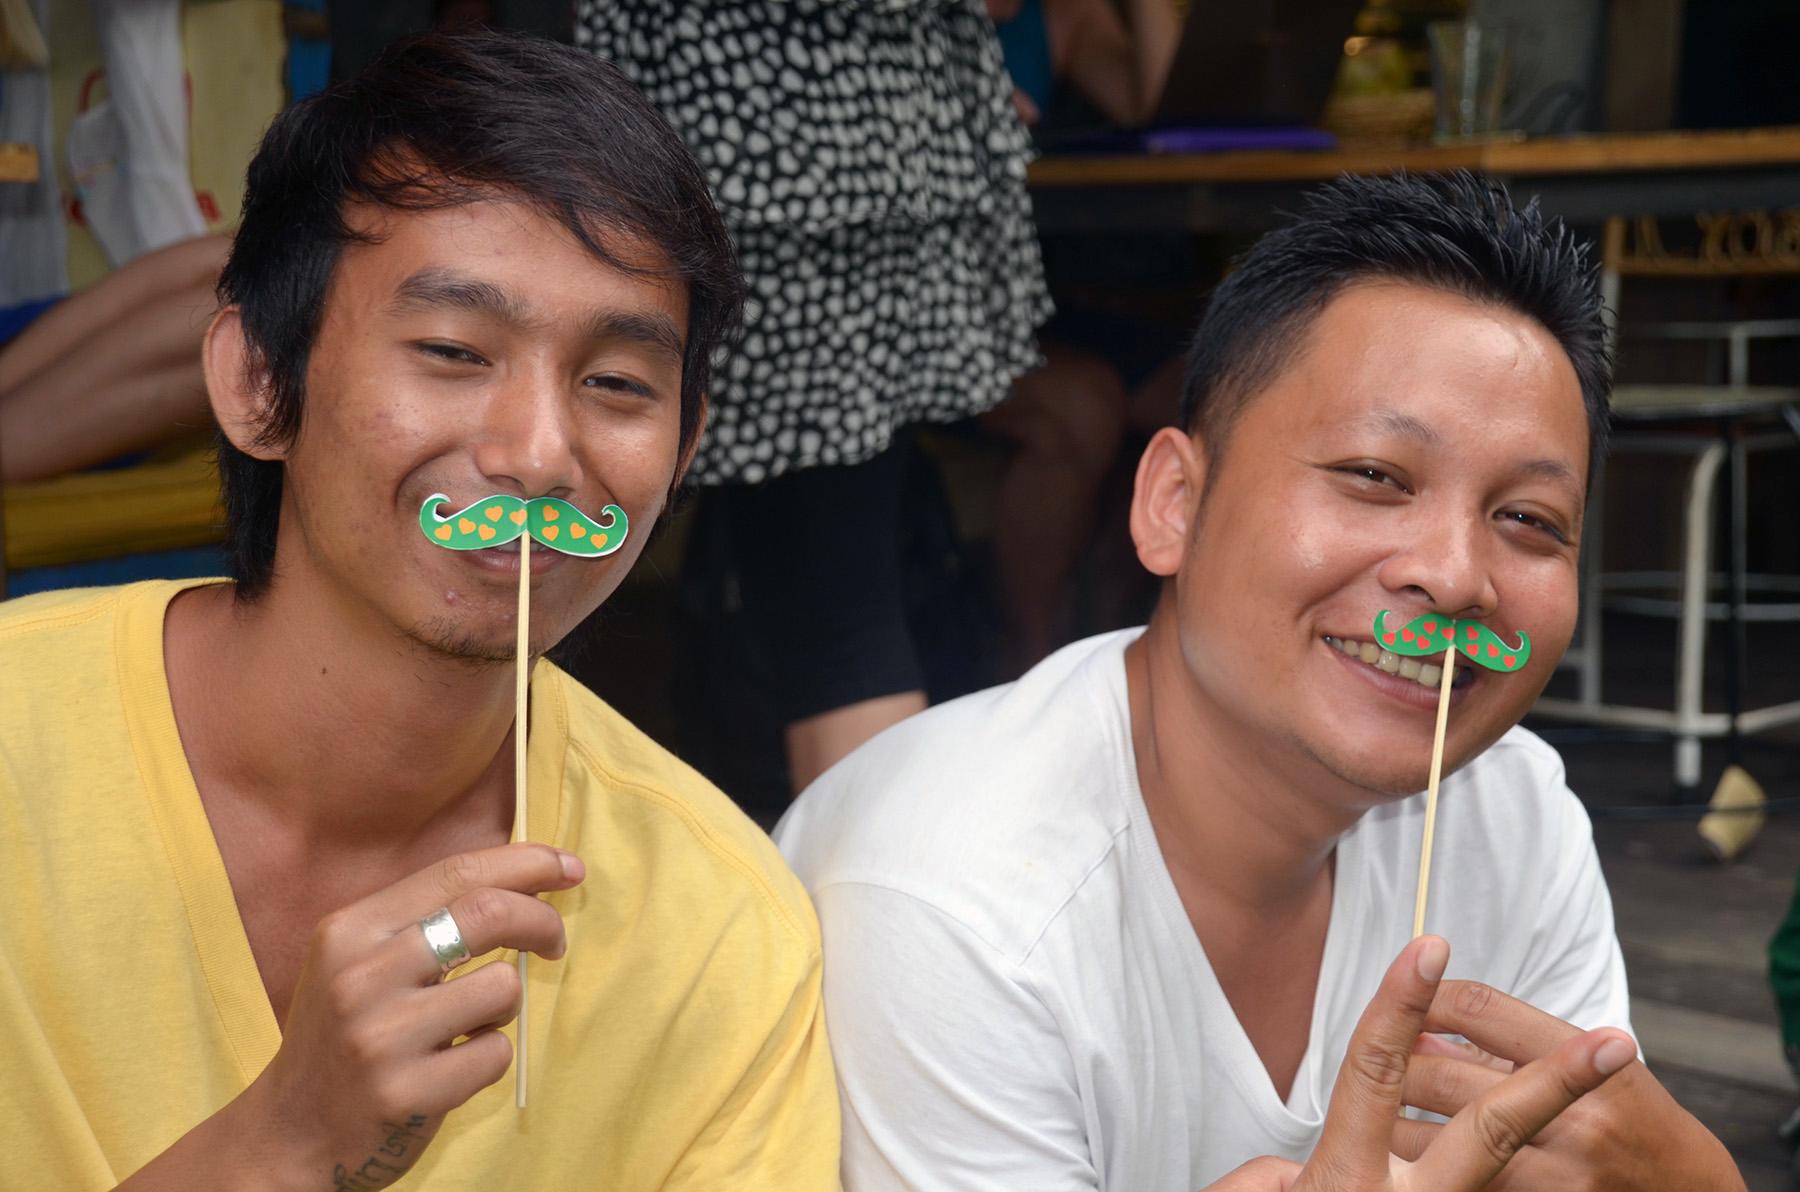 Europskih zajednica. Zahtjevi za izdavanje viza državljana Indonezije koji su naveli da namjeravaju ući u.